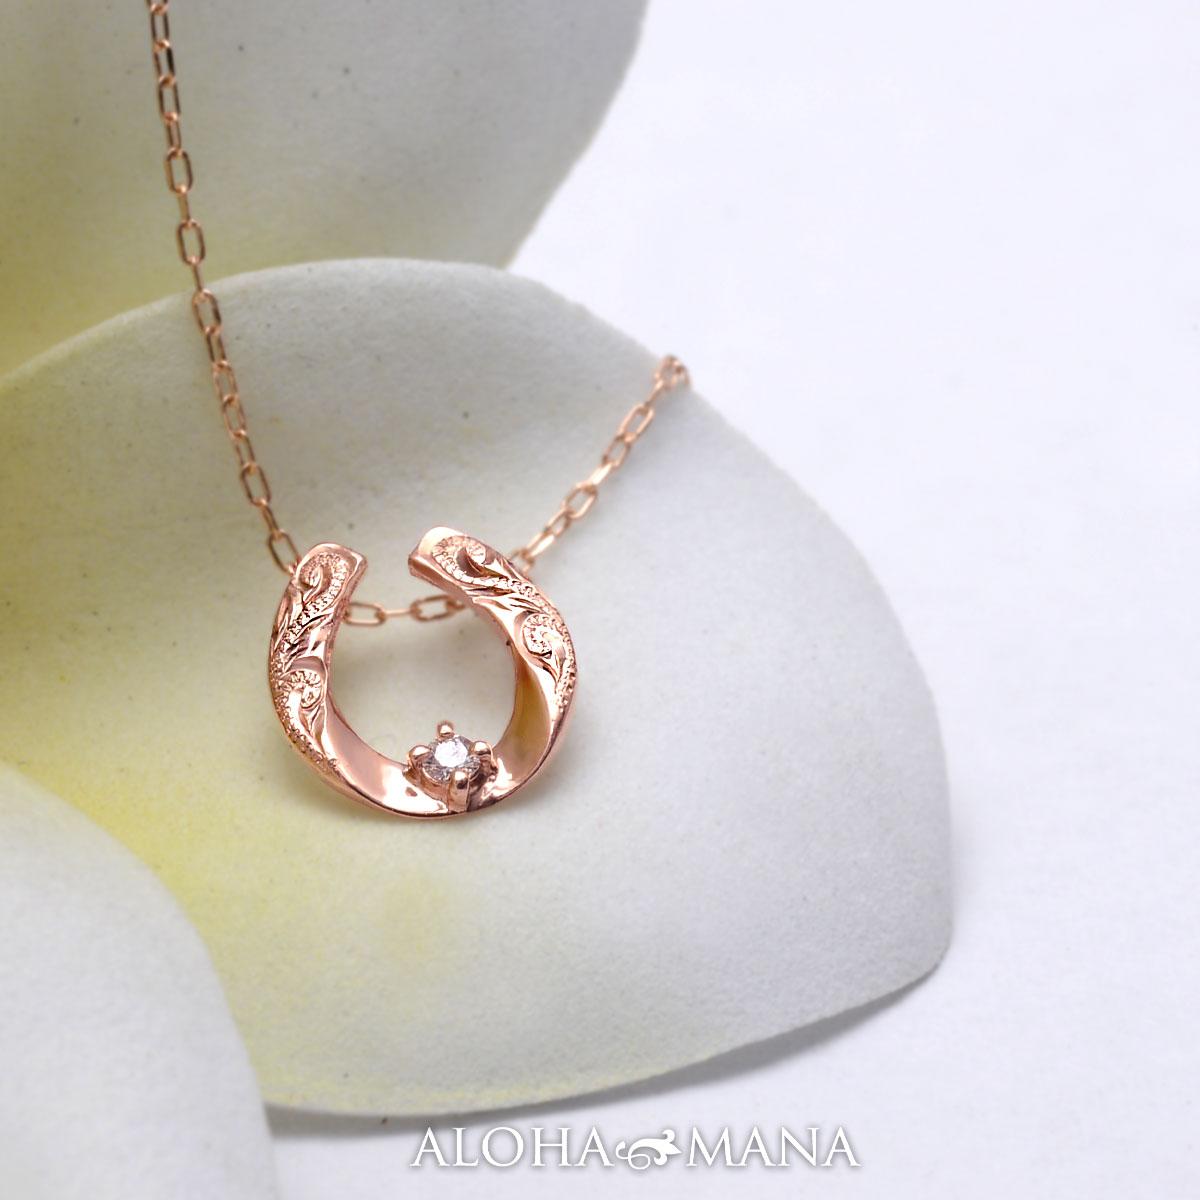 ハワイアンジュエリー ネックレス 10金 K10 イエローゴールド・ ホースシューダイヤモンド ネックレス apdg2869